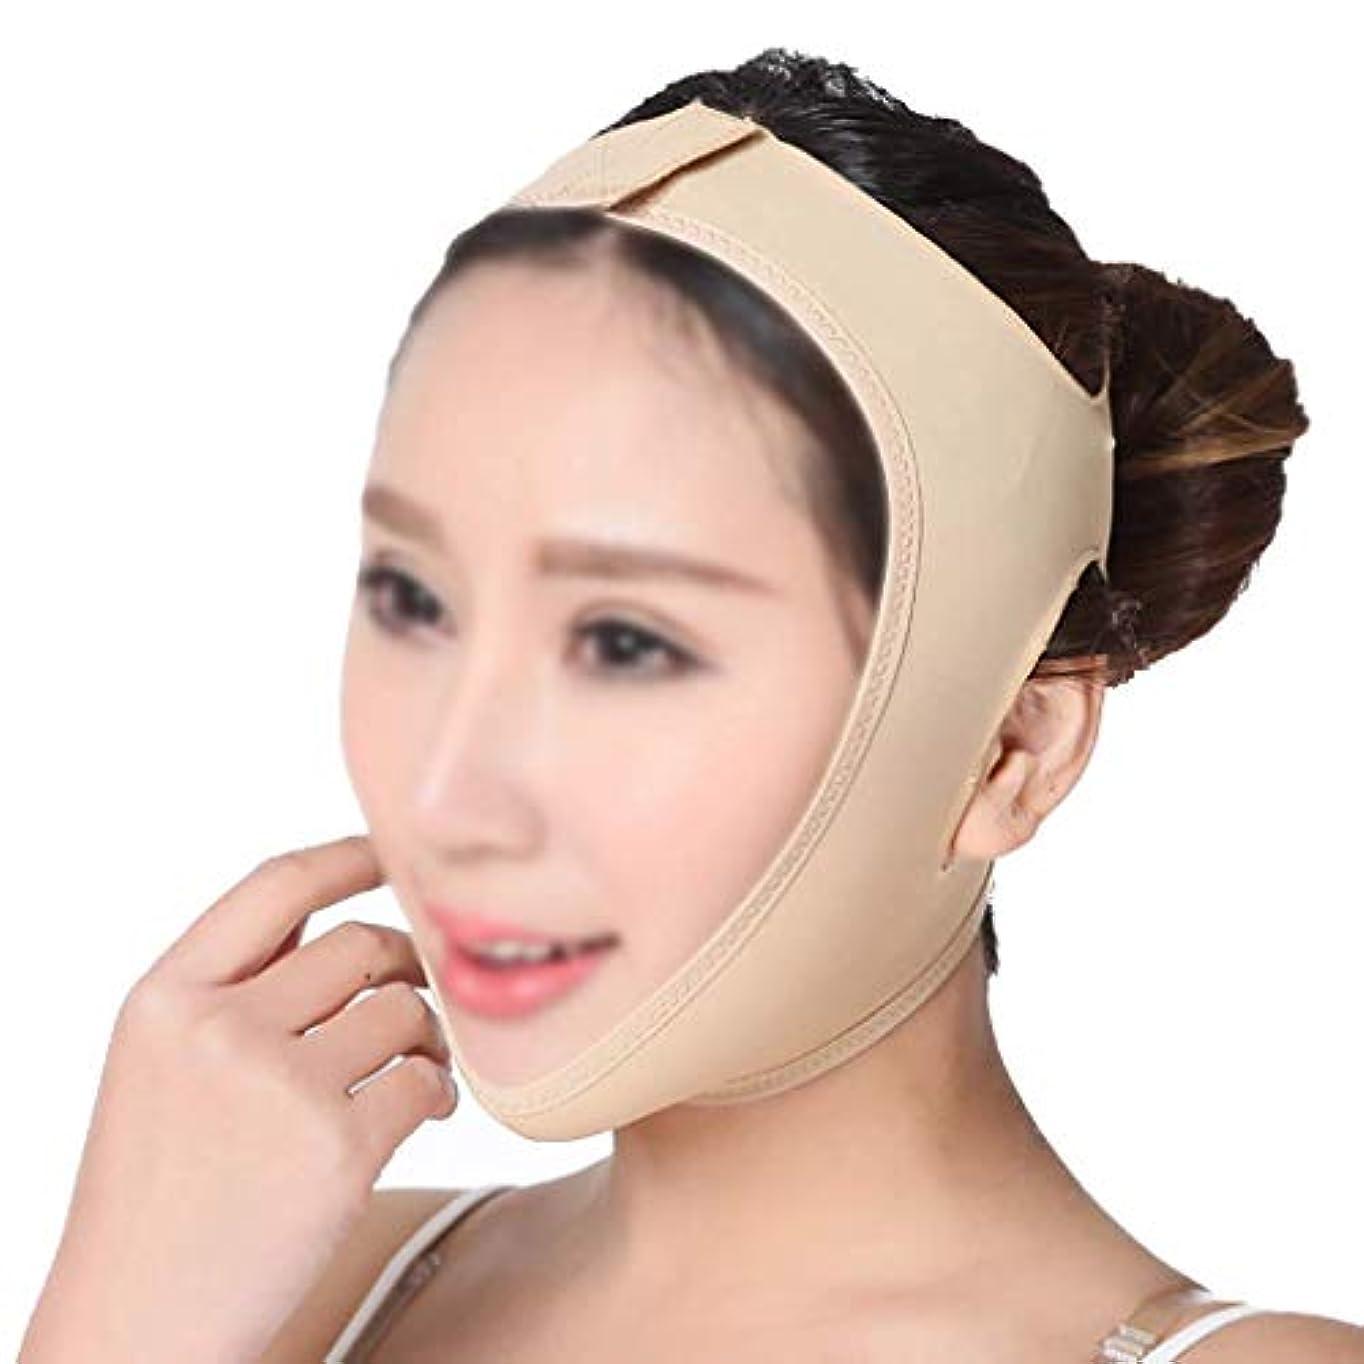 スーダンハンディキャップ玉フェイスリフティング包帯、Vフェイスインストゥルメントフェイスマスクアーティファクト引き締めマスク手動フェイシャルマッサージャー通気性肌のトーン(サイズ:xl),Xl